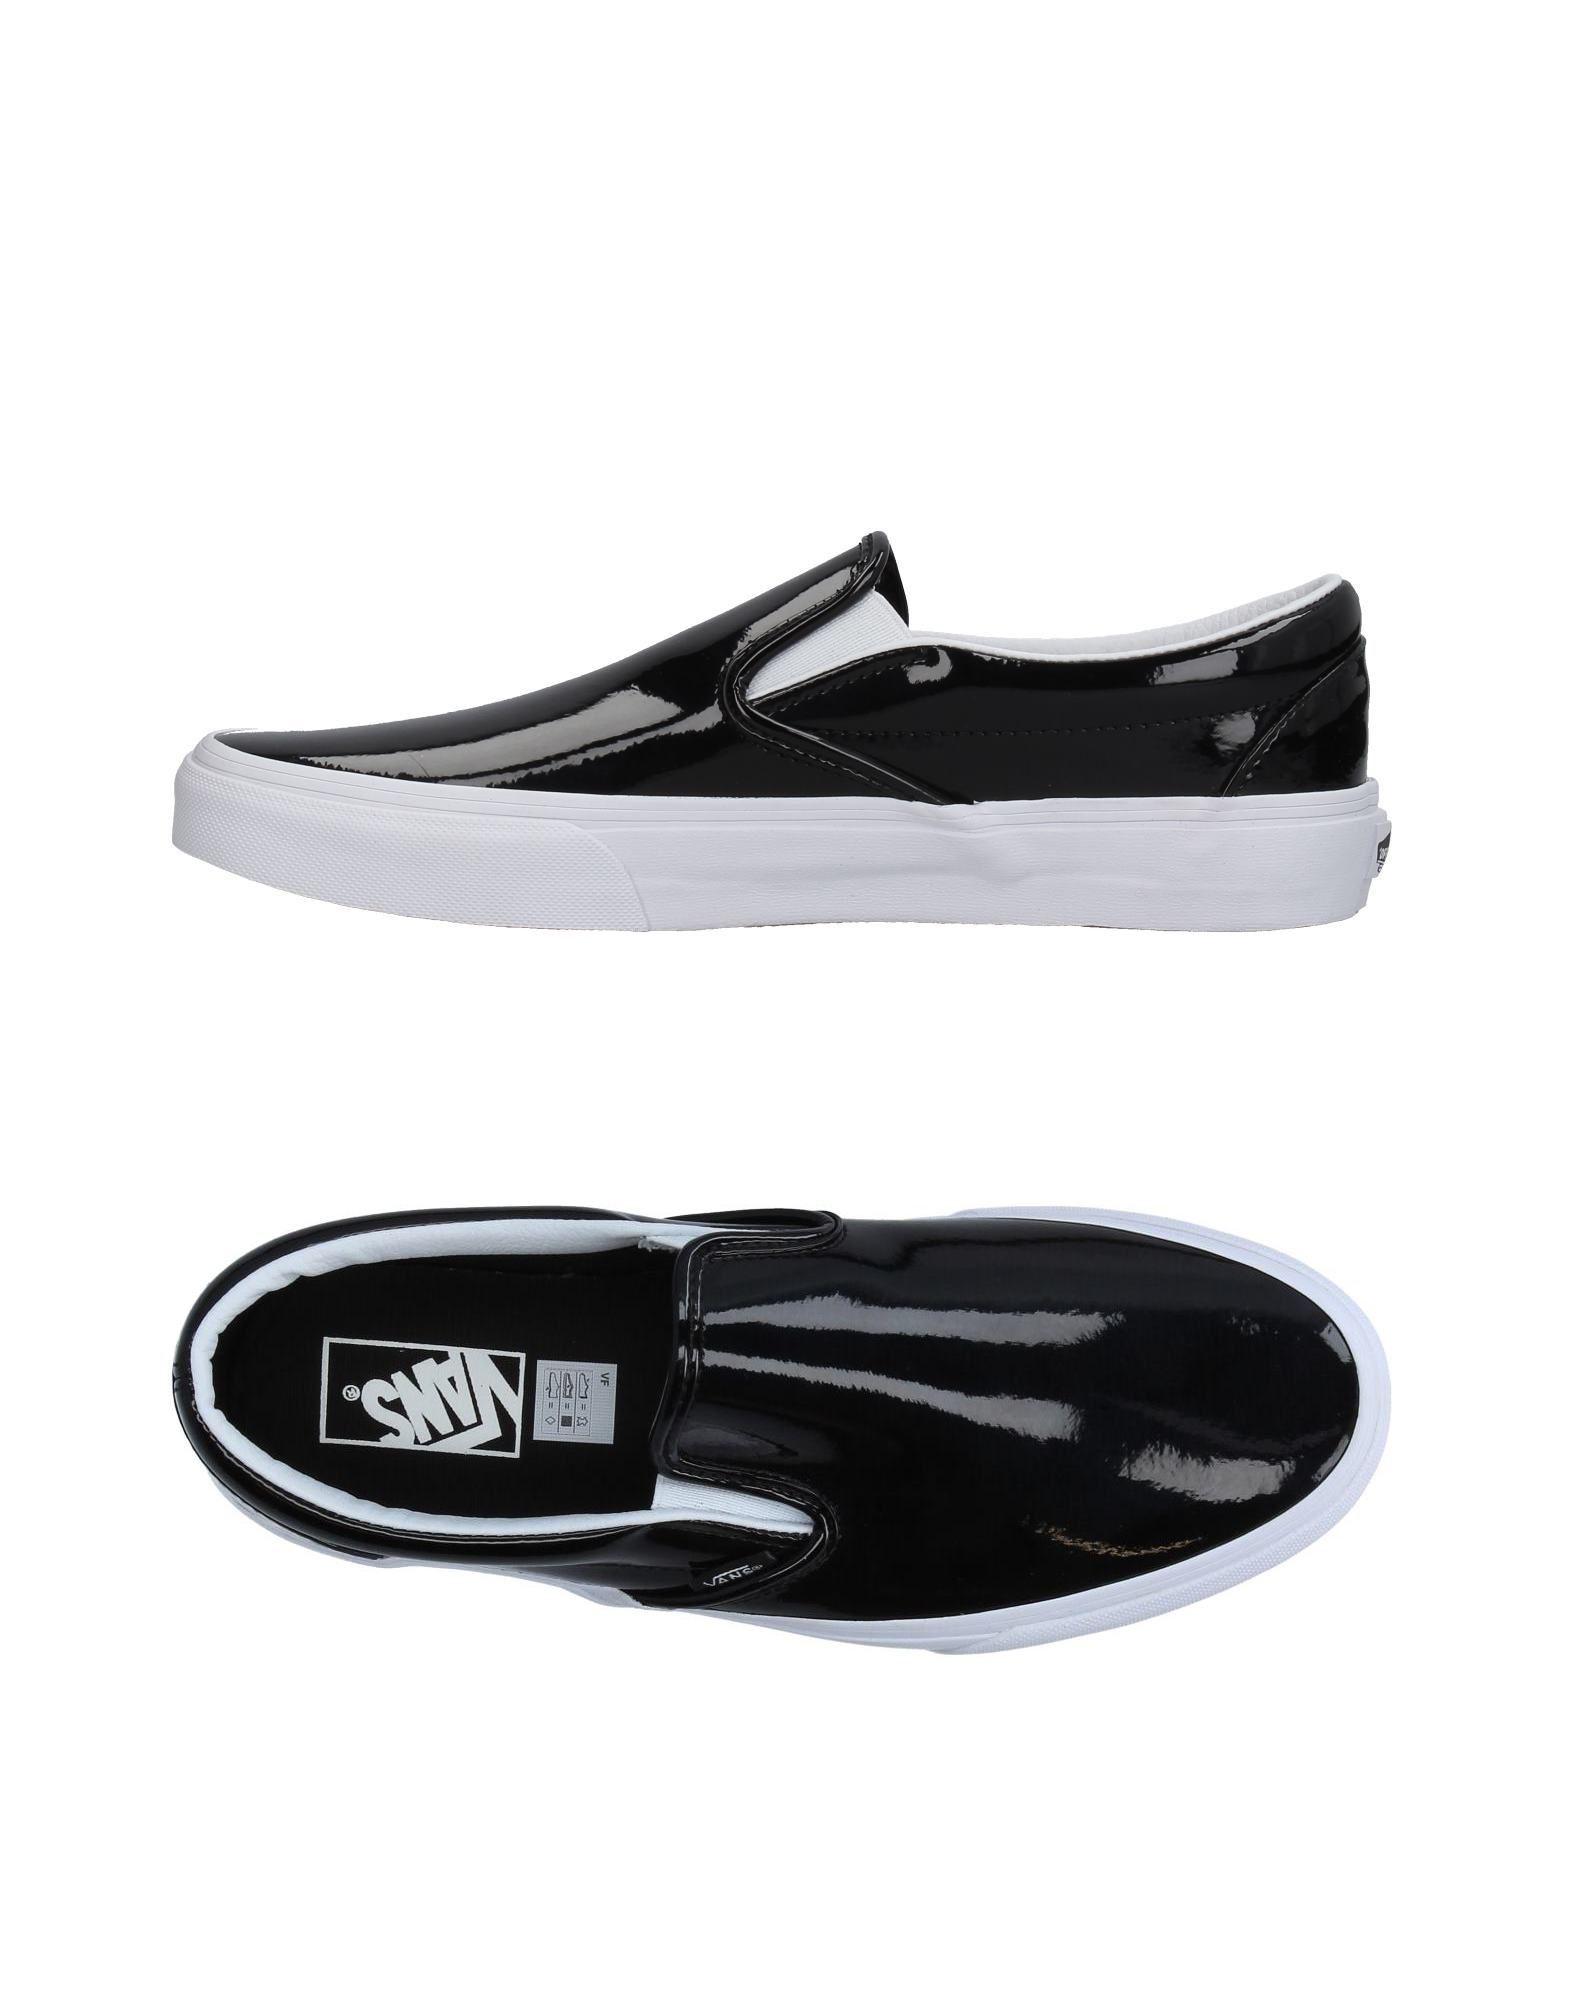 Rabatt Vans echte Schuhe Vans Rabatt Sneakers Herren  11258847BU 7ea5d6